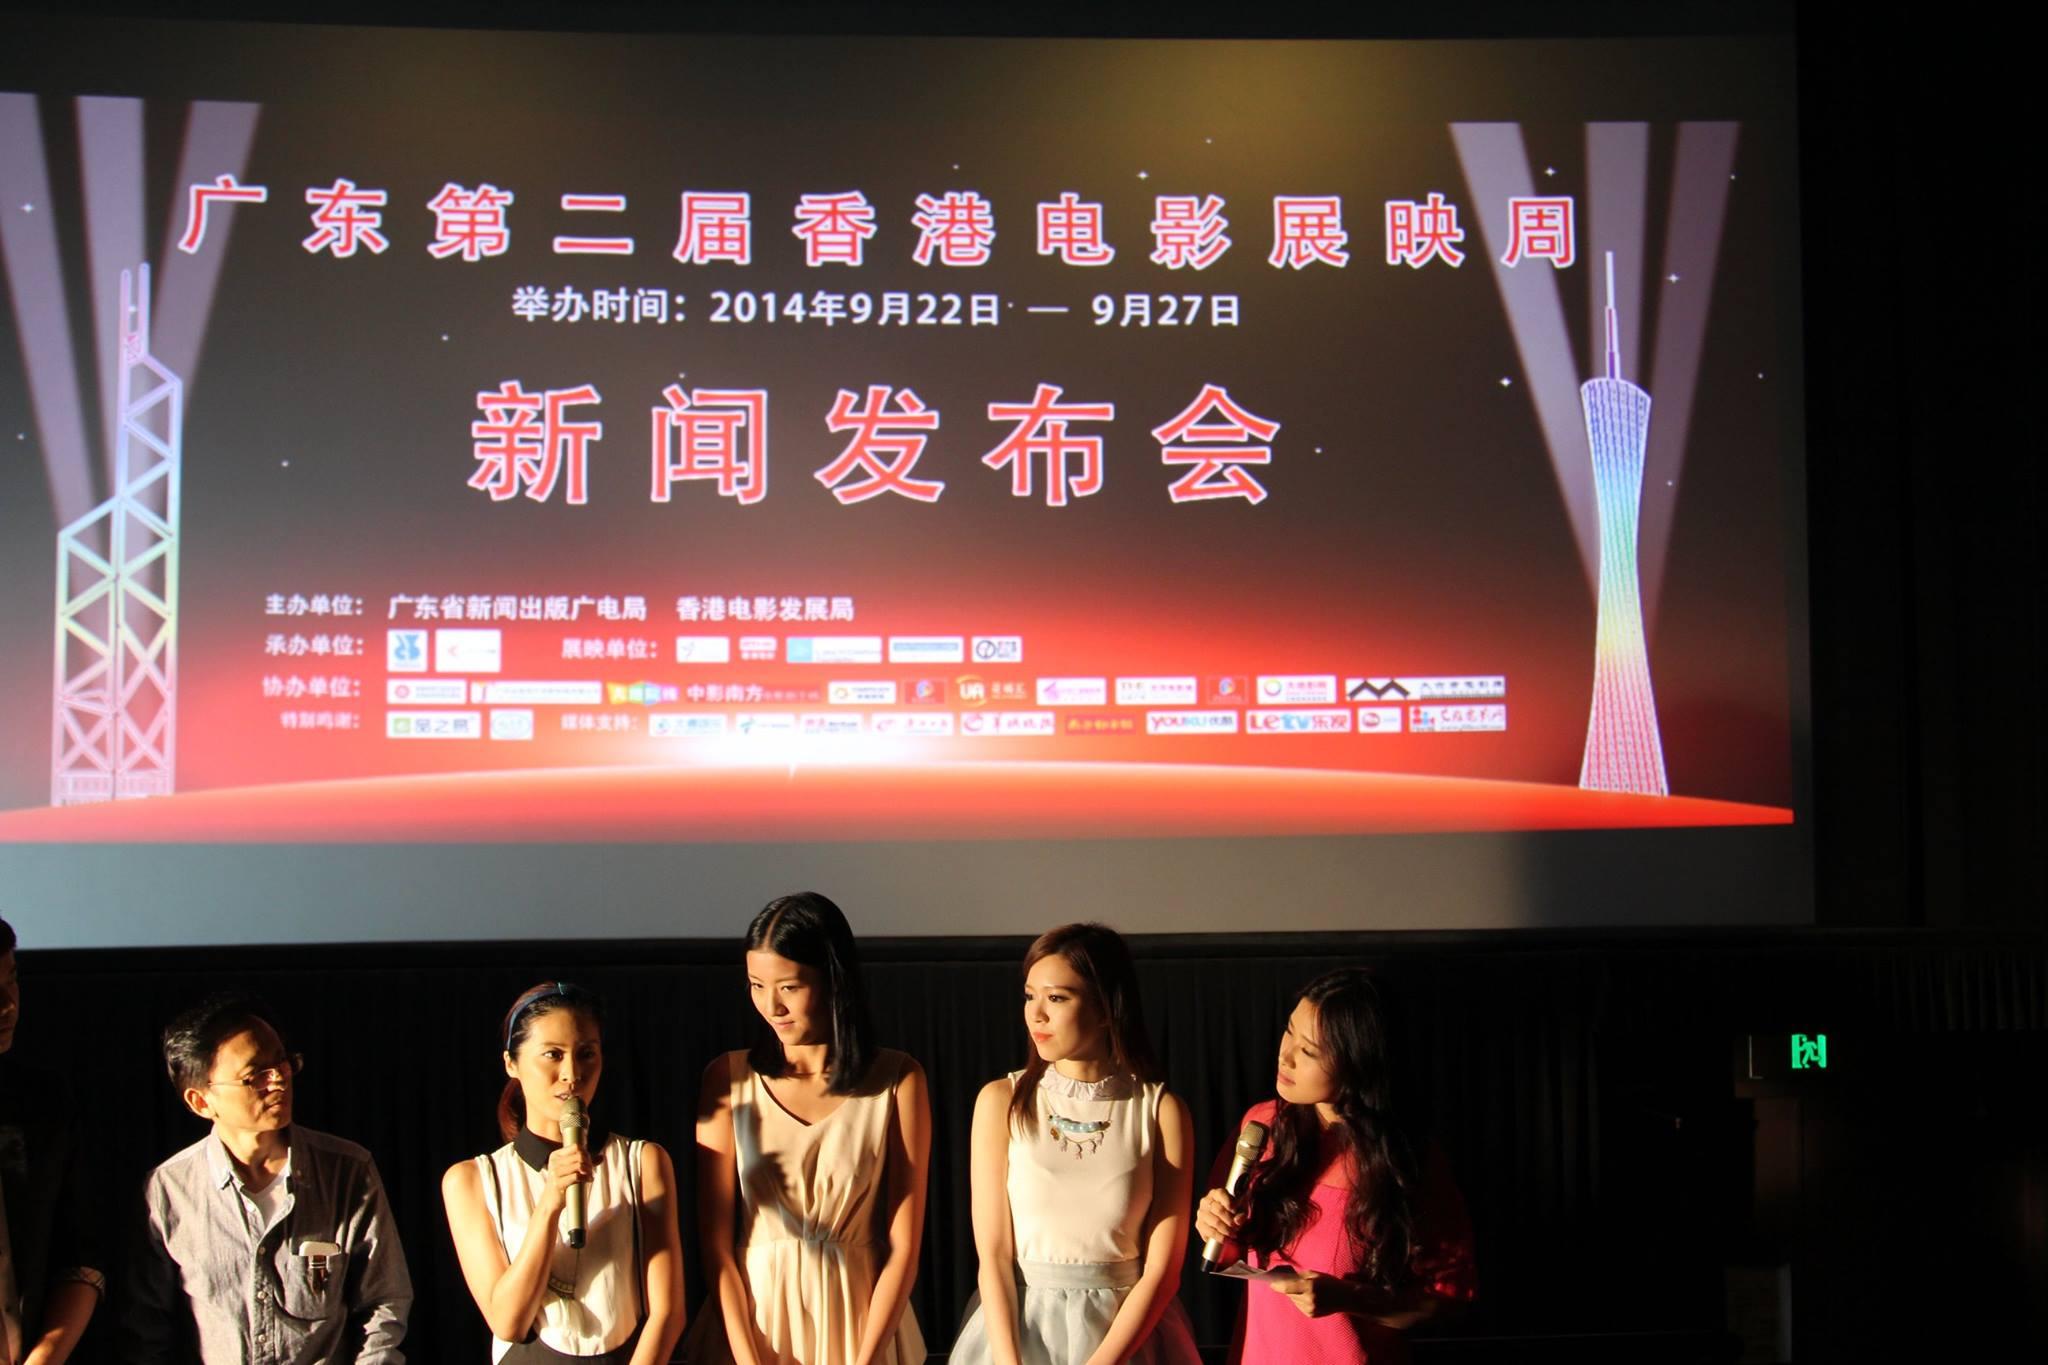 《販賣.愛》入選「廣東第二屆香港電影展映周」新聞發佈會